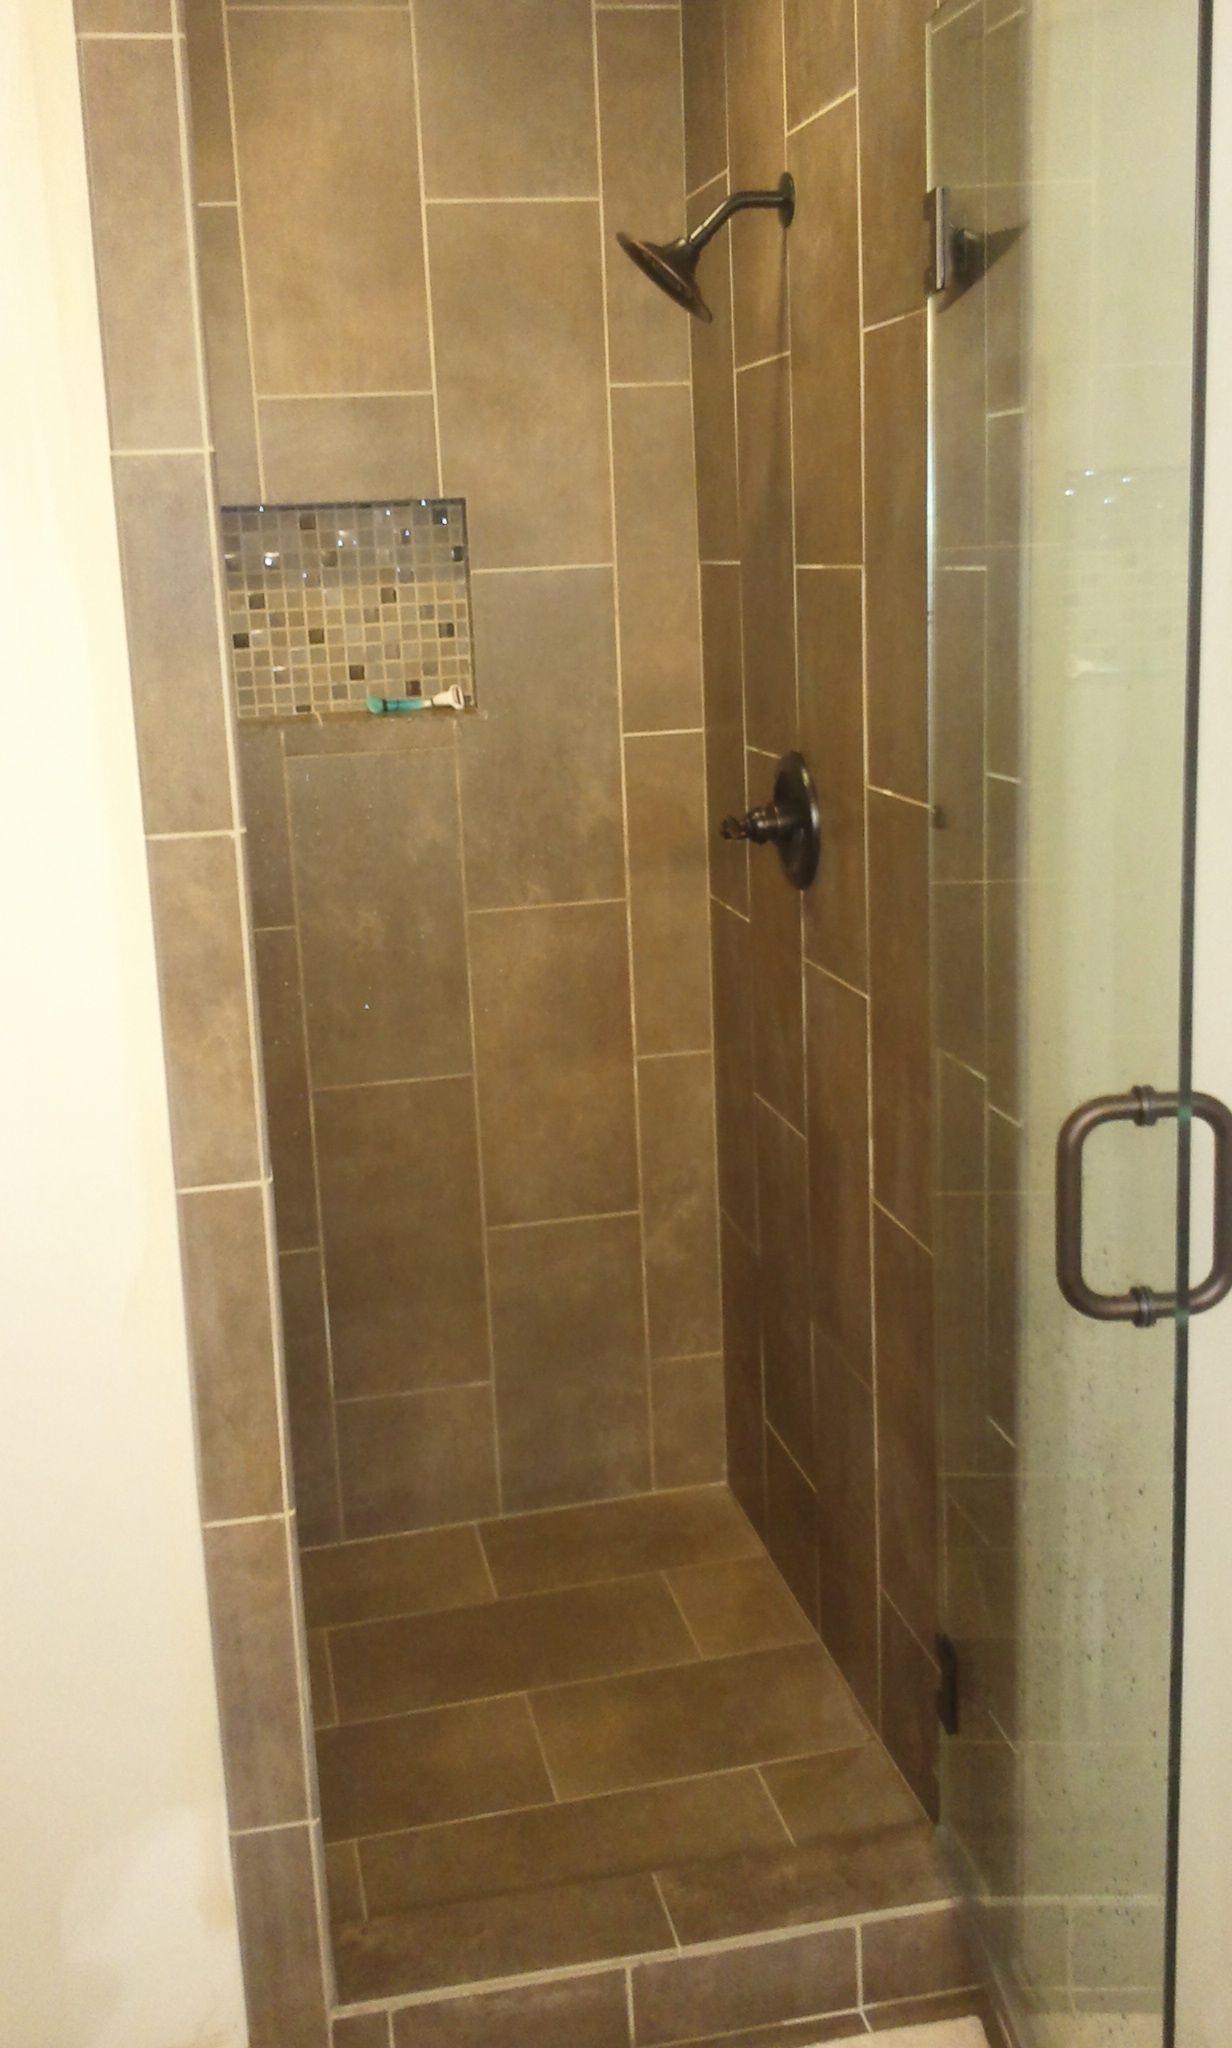 Home Depot Shower Tile Ideas For Tiling A Shower Tiled Shower